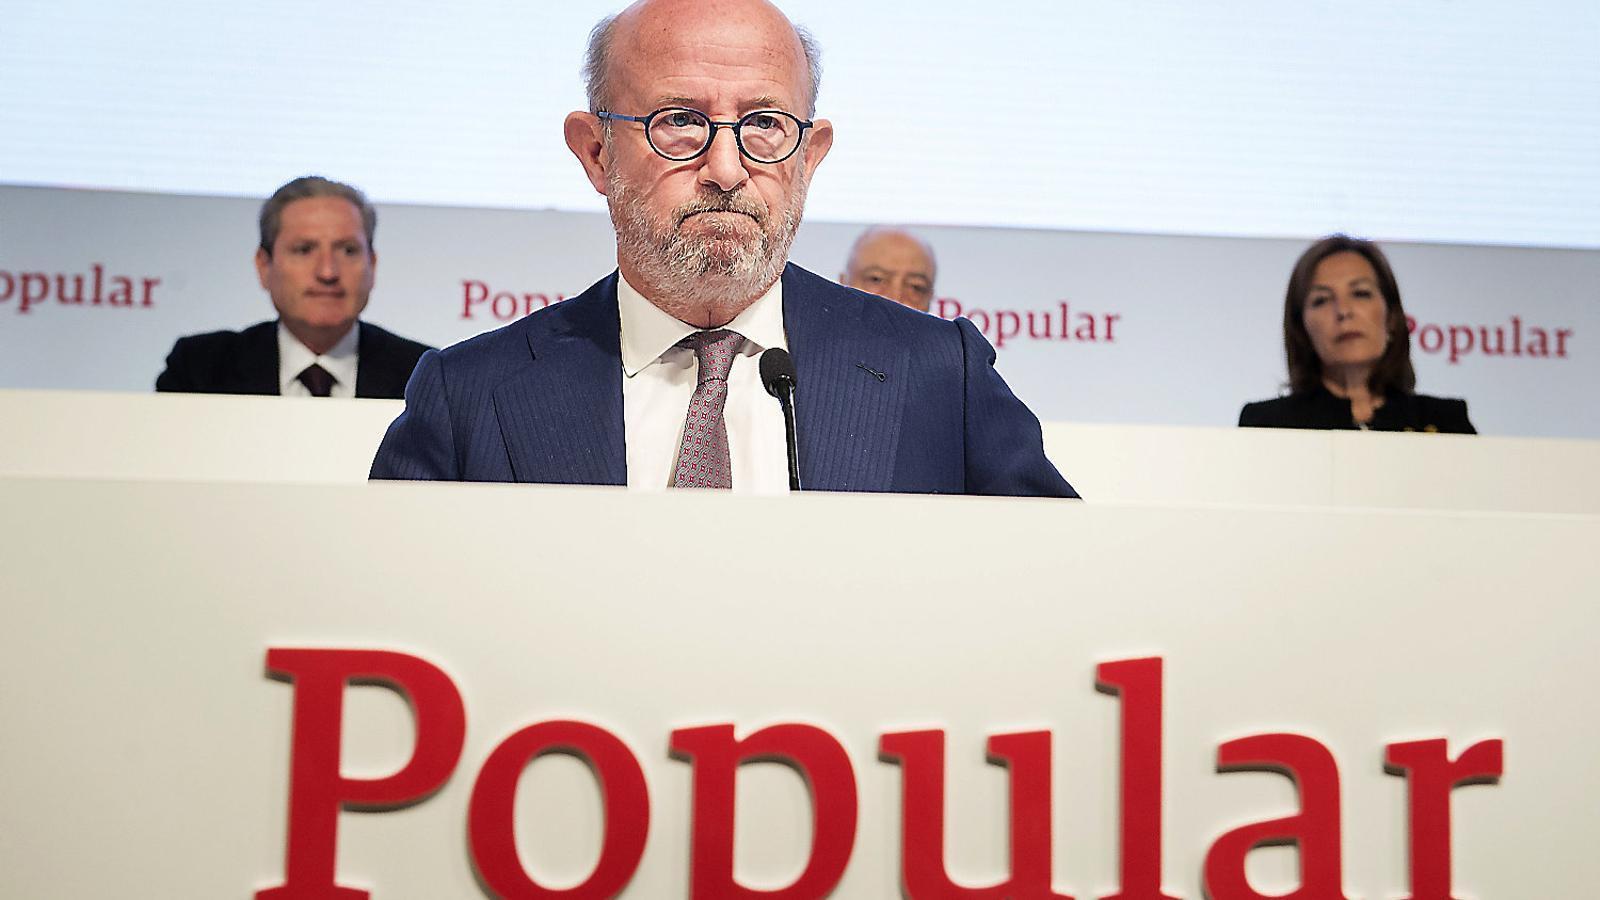 Els pèrits del Banc d'Espanya creuen que les previsions del Popular abans de caure eren massa optimistes